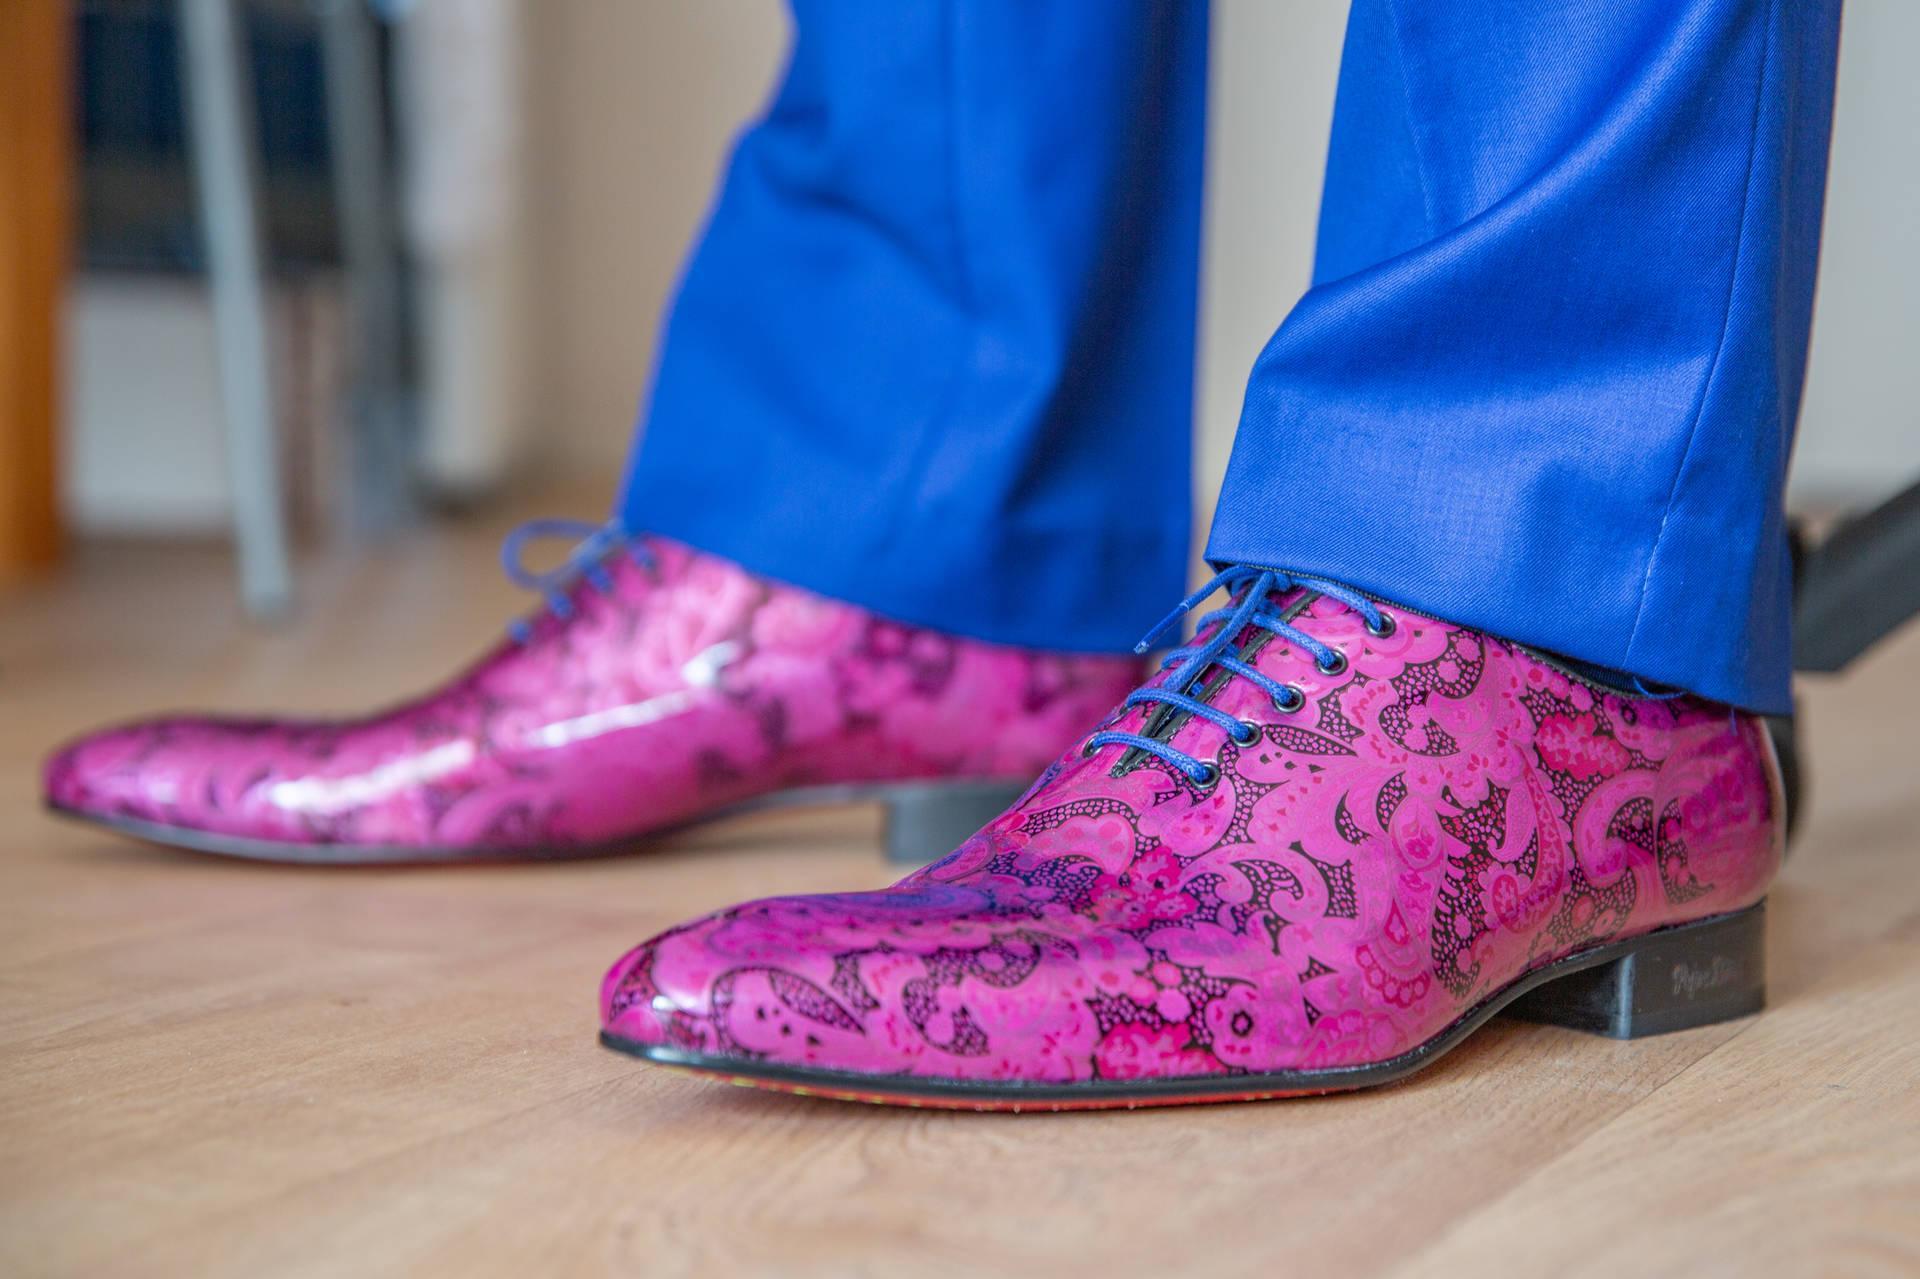 Opvallend trouwpak: blauw, paars en o zo mooi